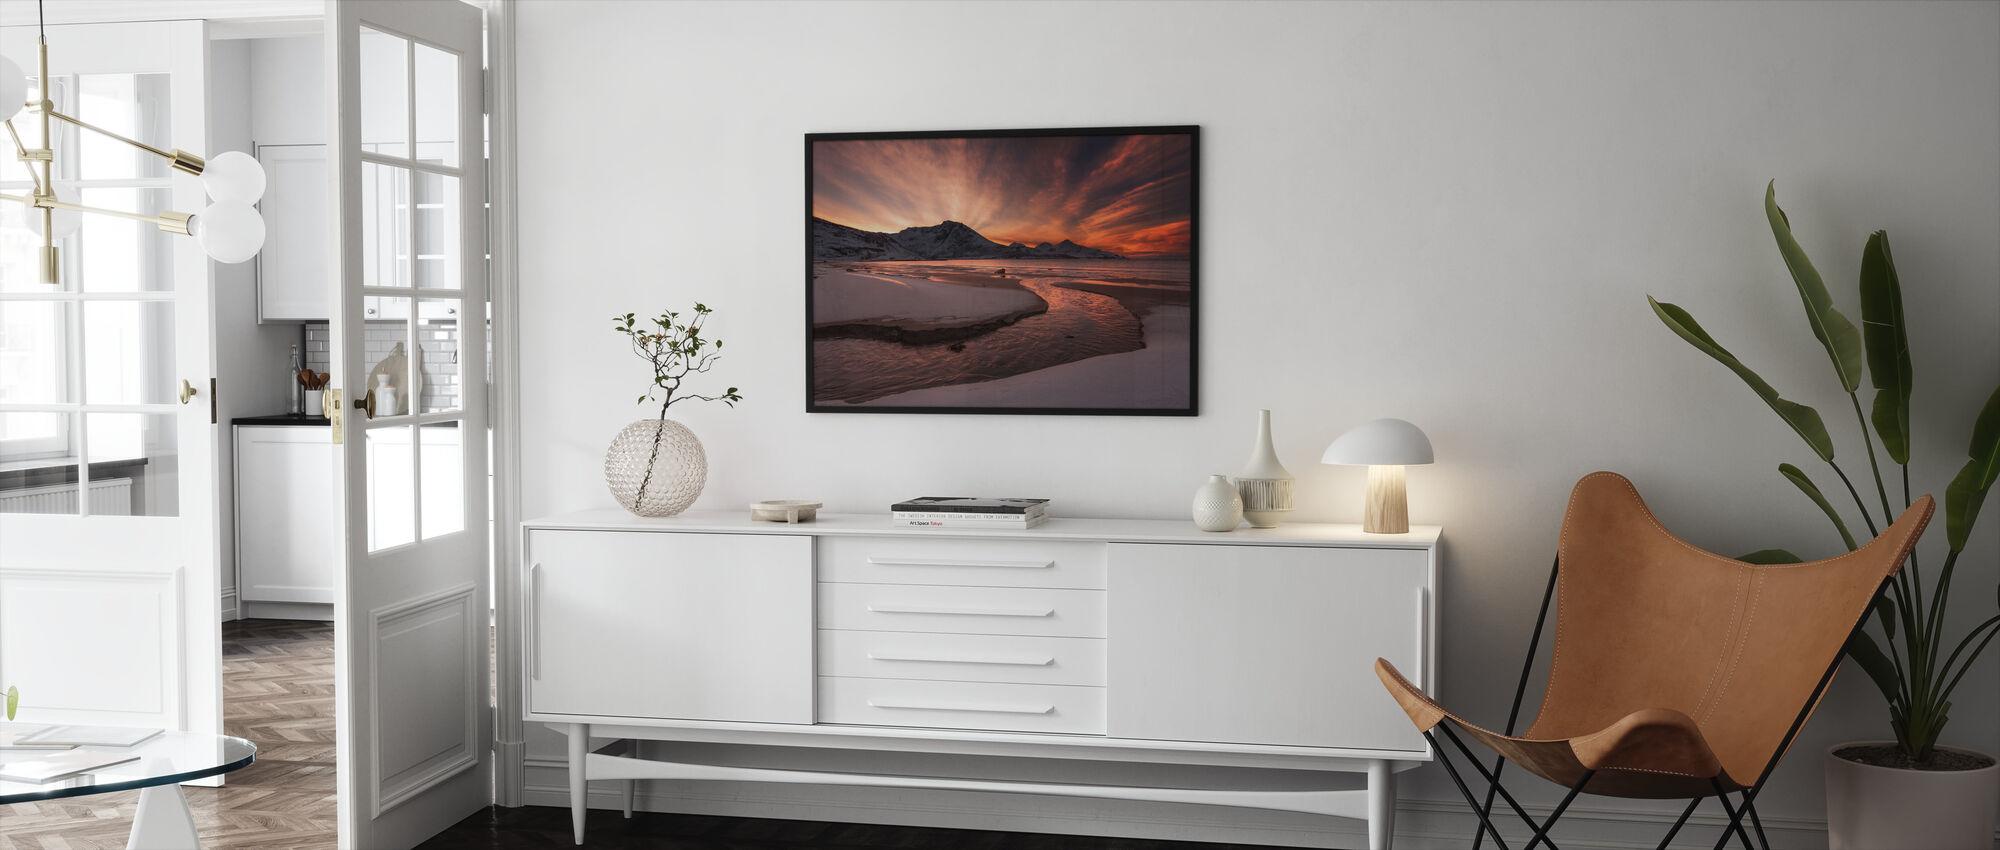 Golden Sunset in Norway - Framed print - Living Room